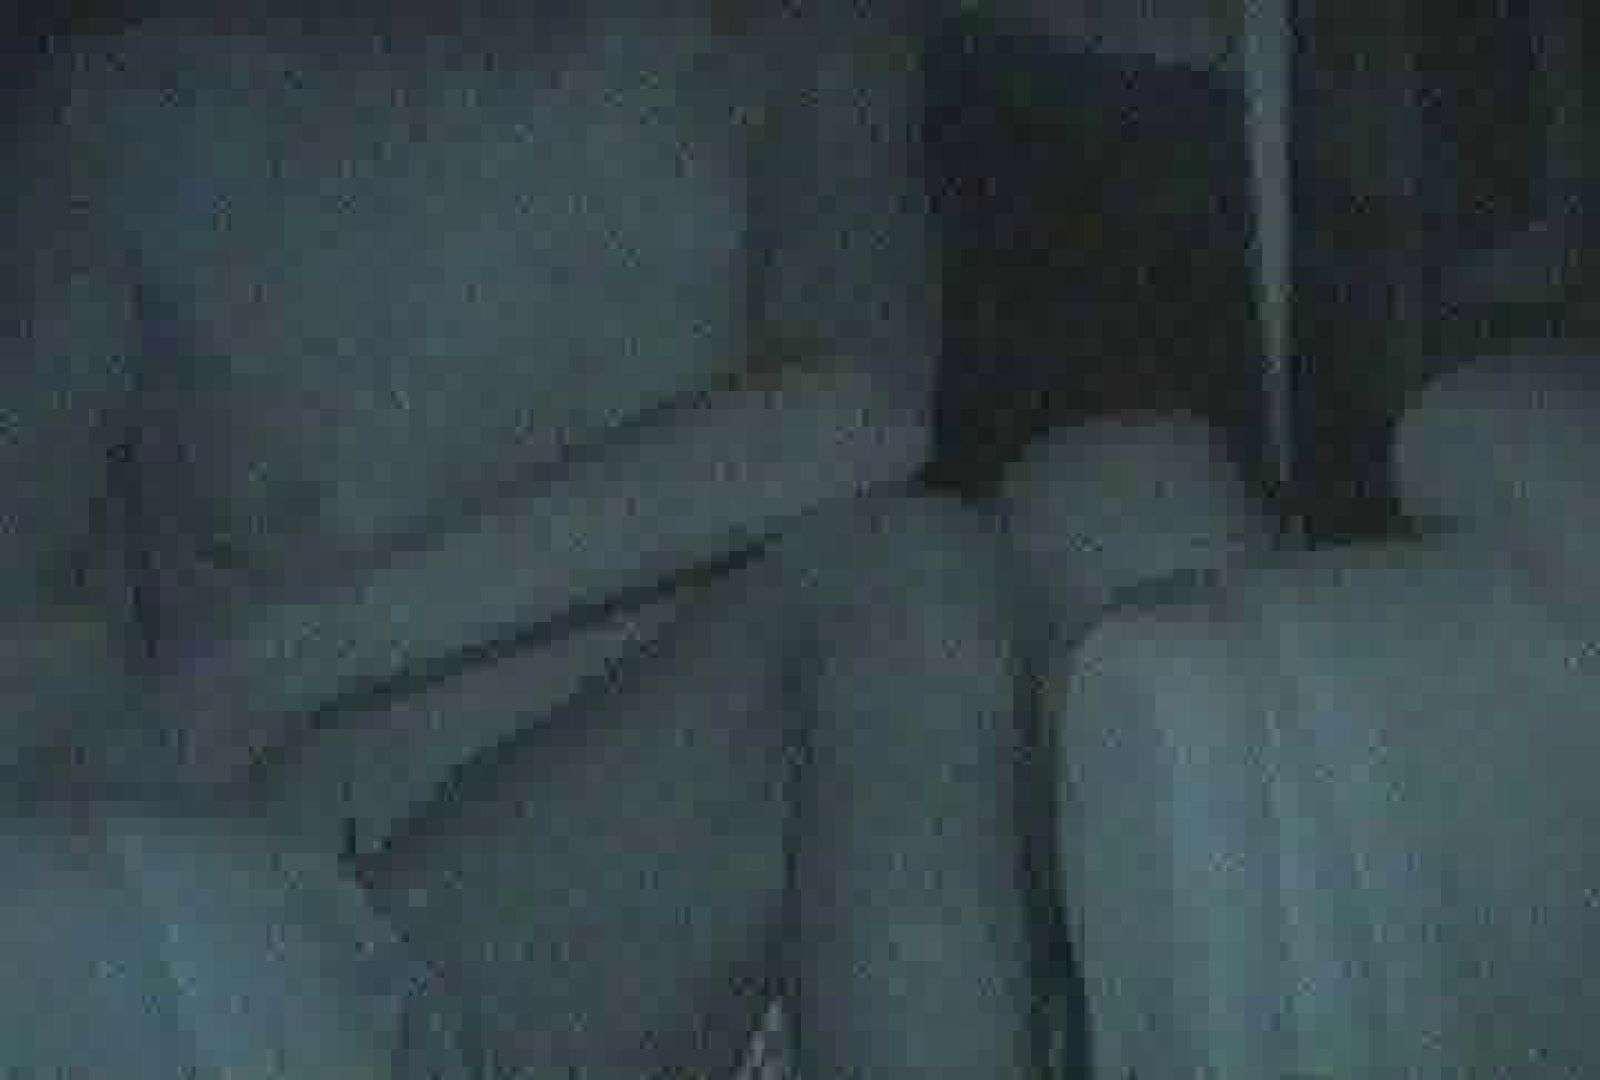 充血監督の深夜の運動会Vol.74 熟女丸裸 | 現役ギャル  96pic 7